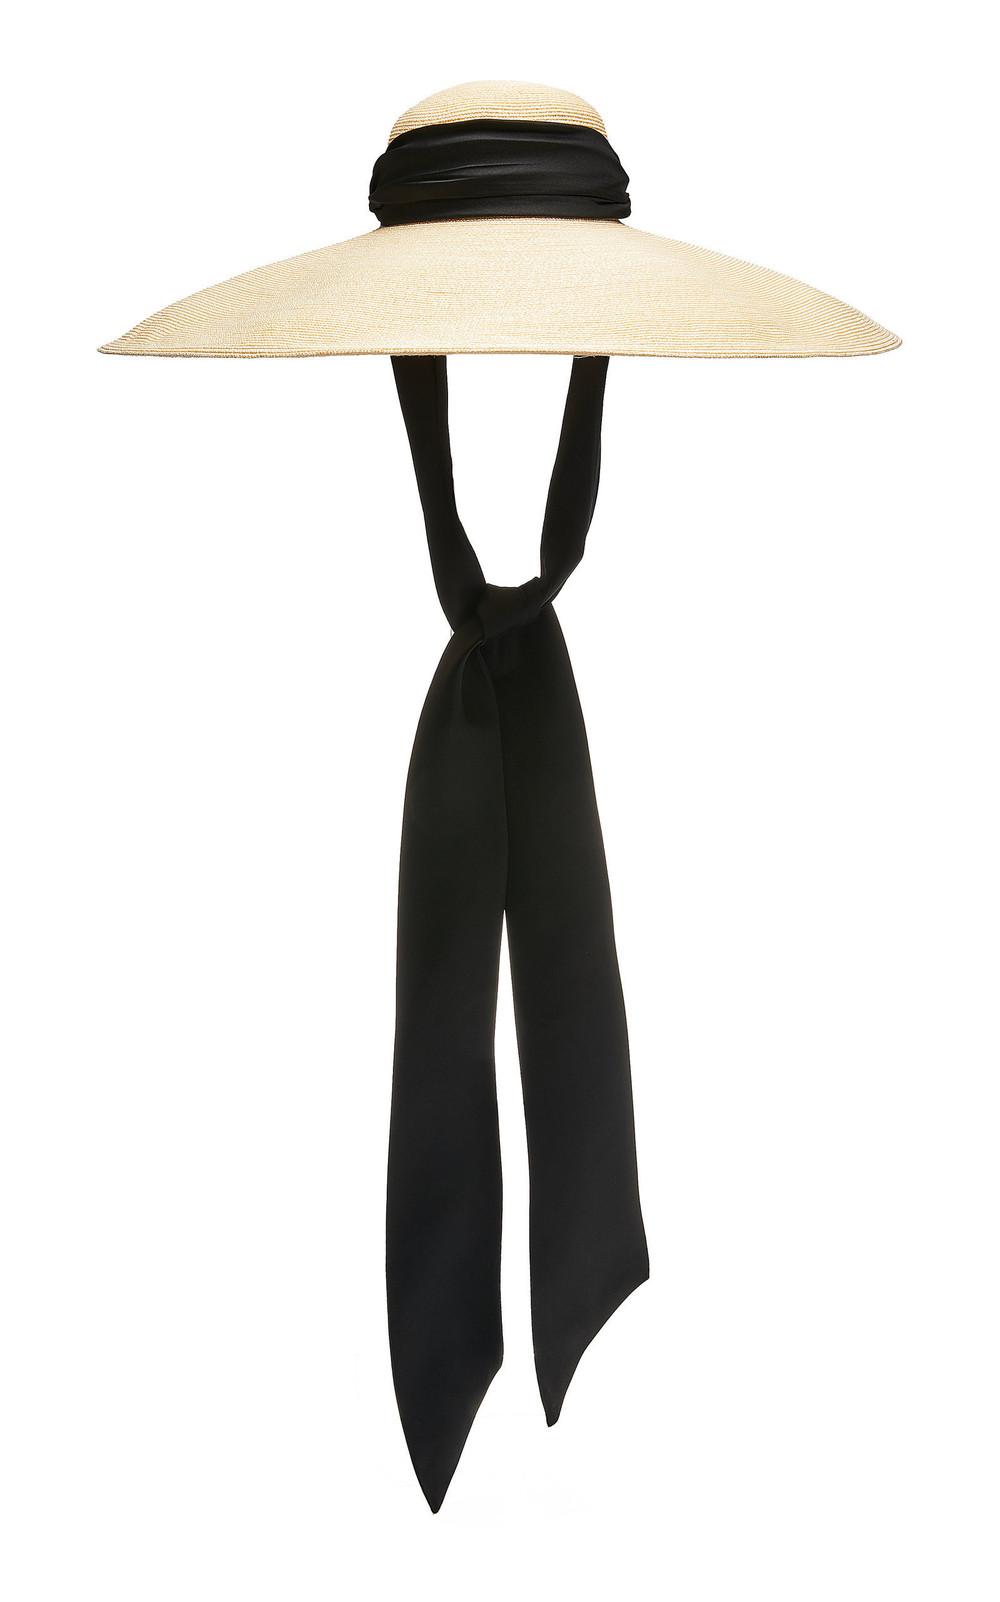 Eugenia Kim Veruschka Cotton-Trimmed Straw Hat in neutral